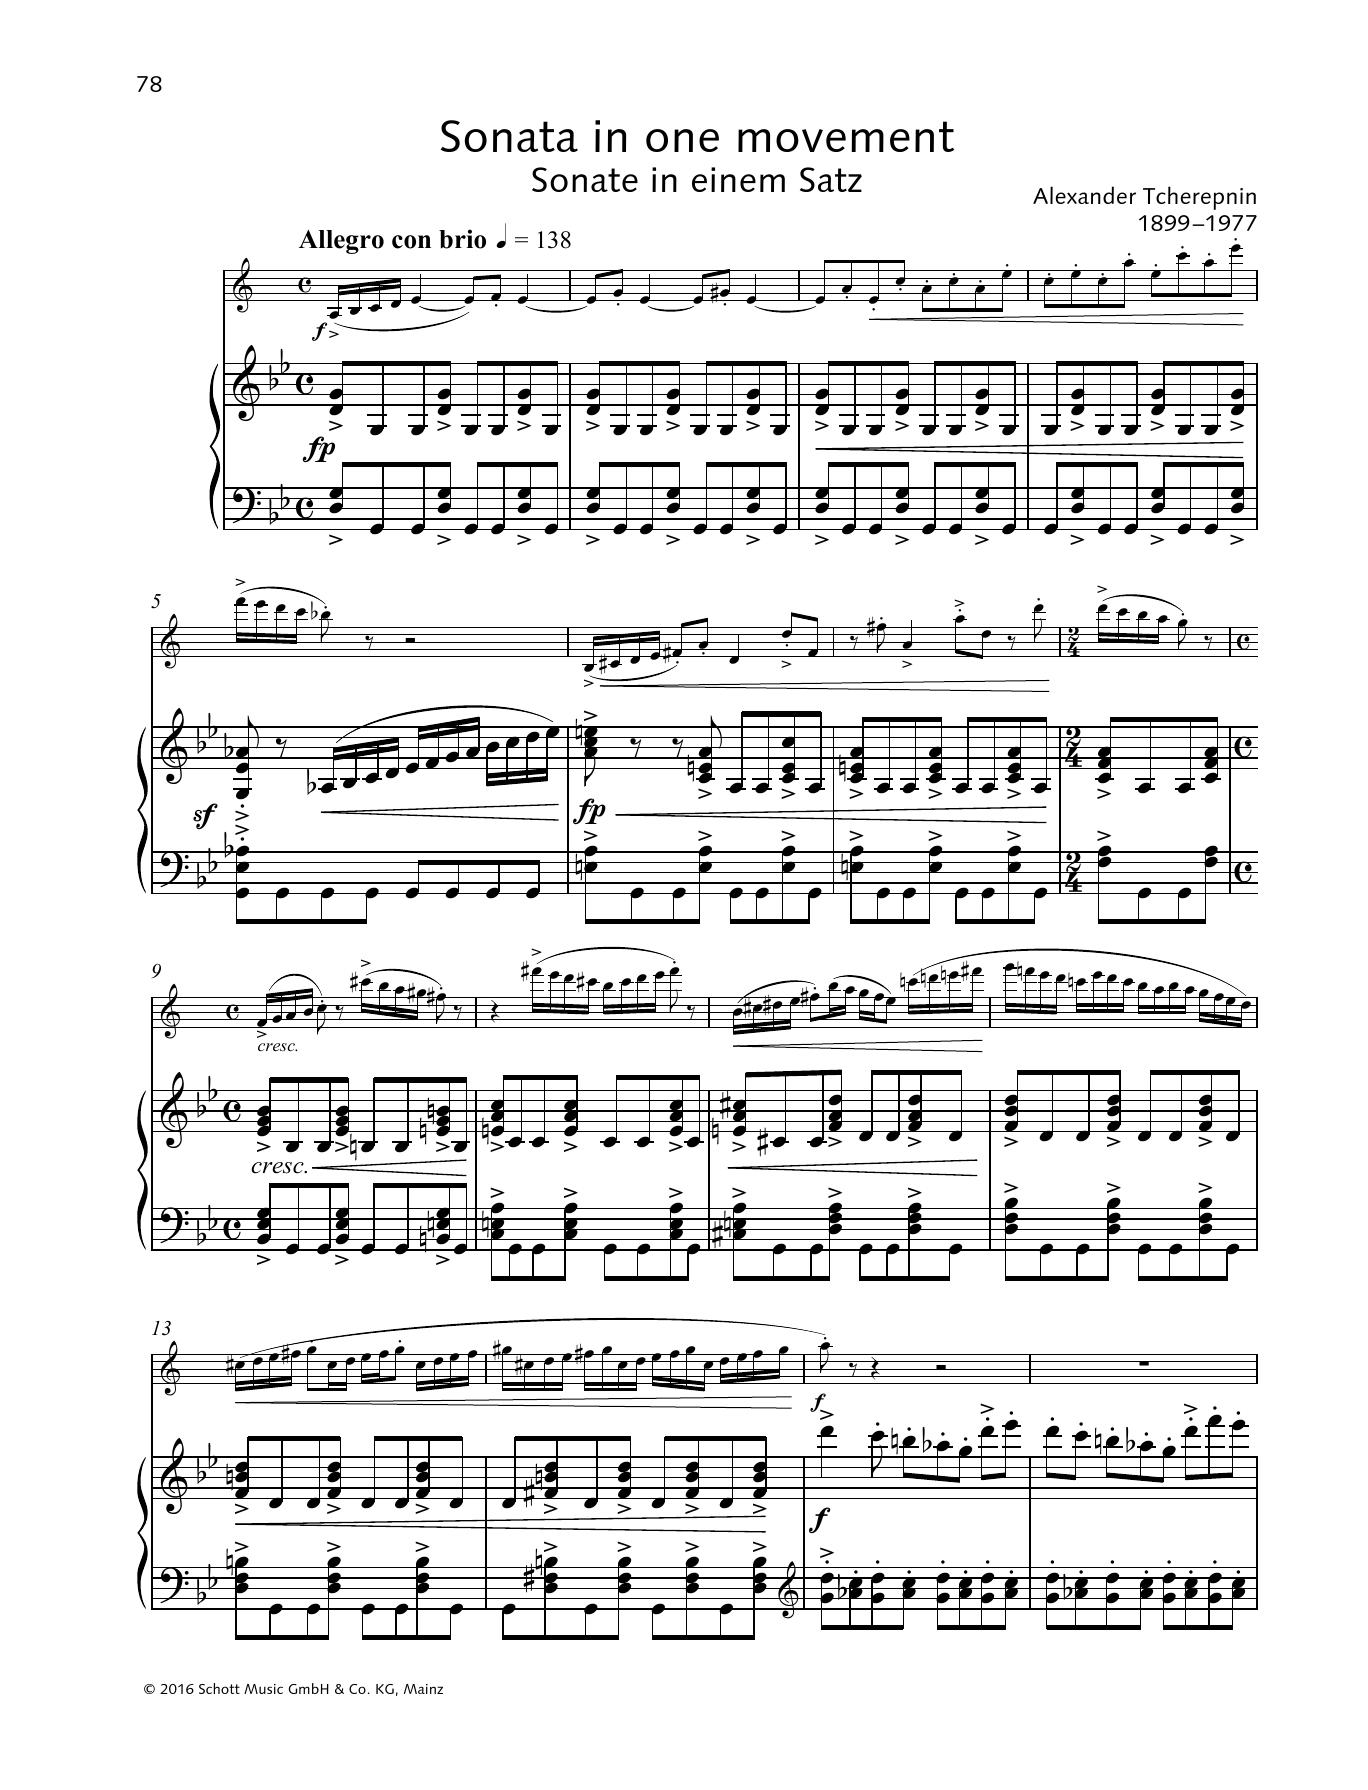 Sonata in One Movement